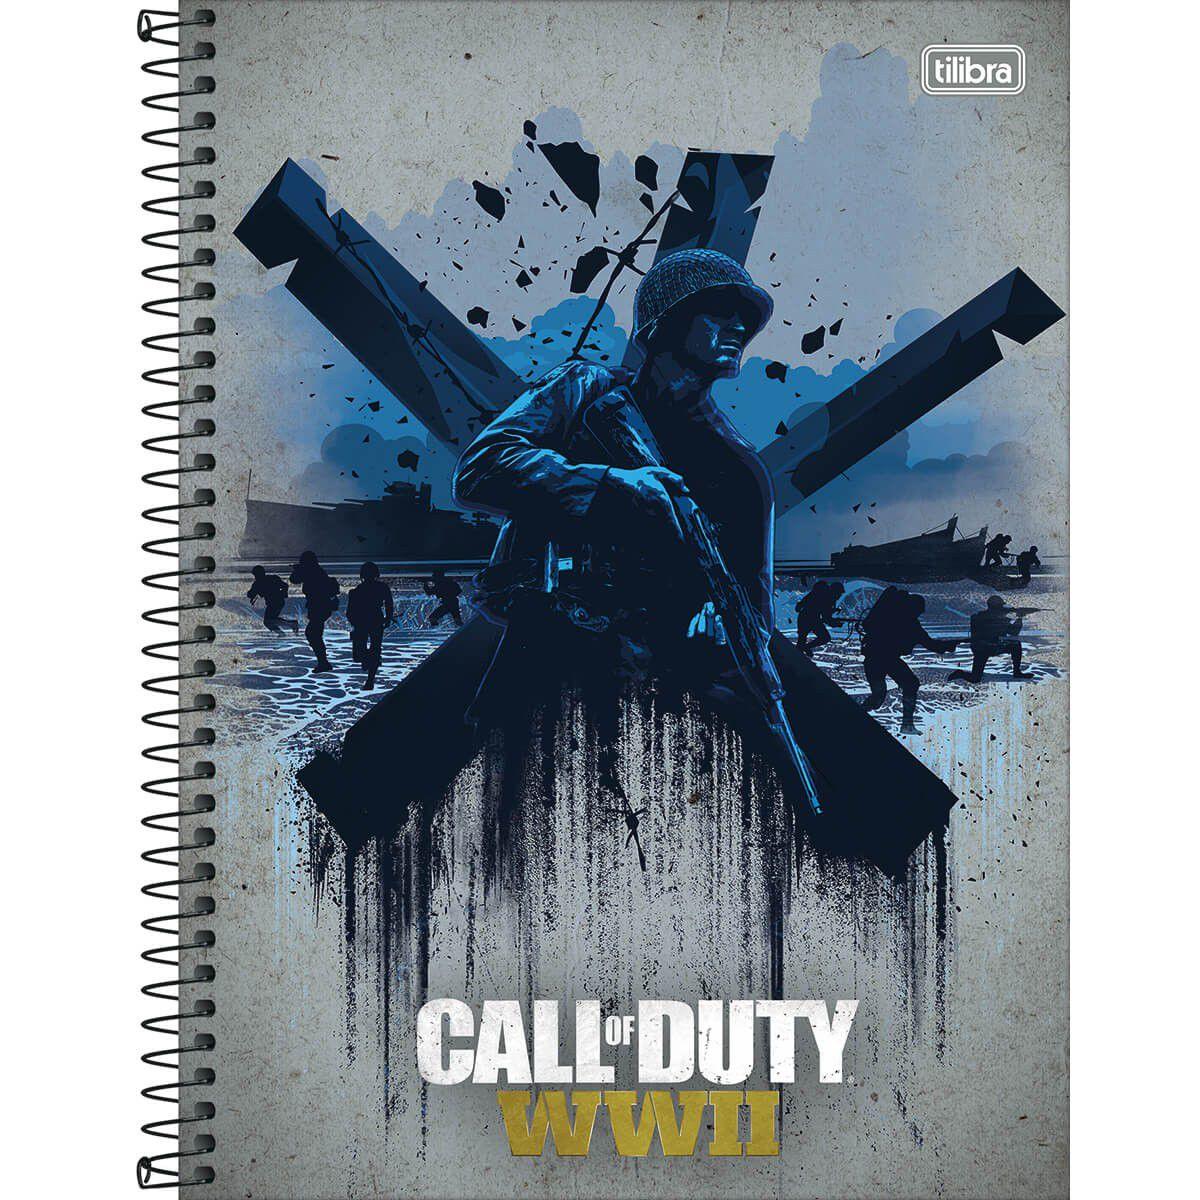 Caderno Tilibra Capa Dura Universitário Call Duty 1X1 96 Fls 150746 26369